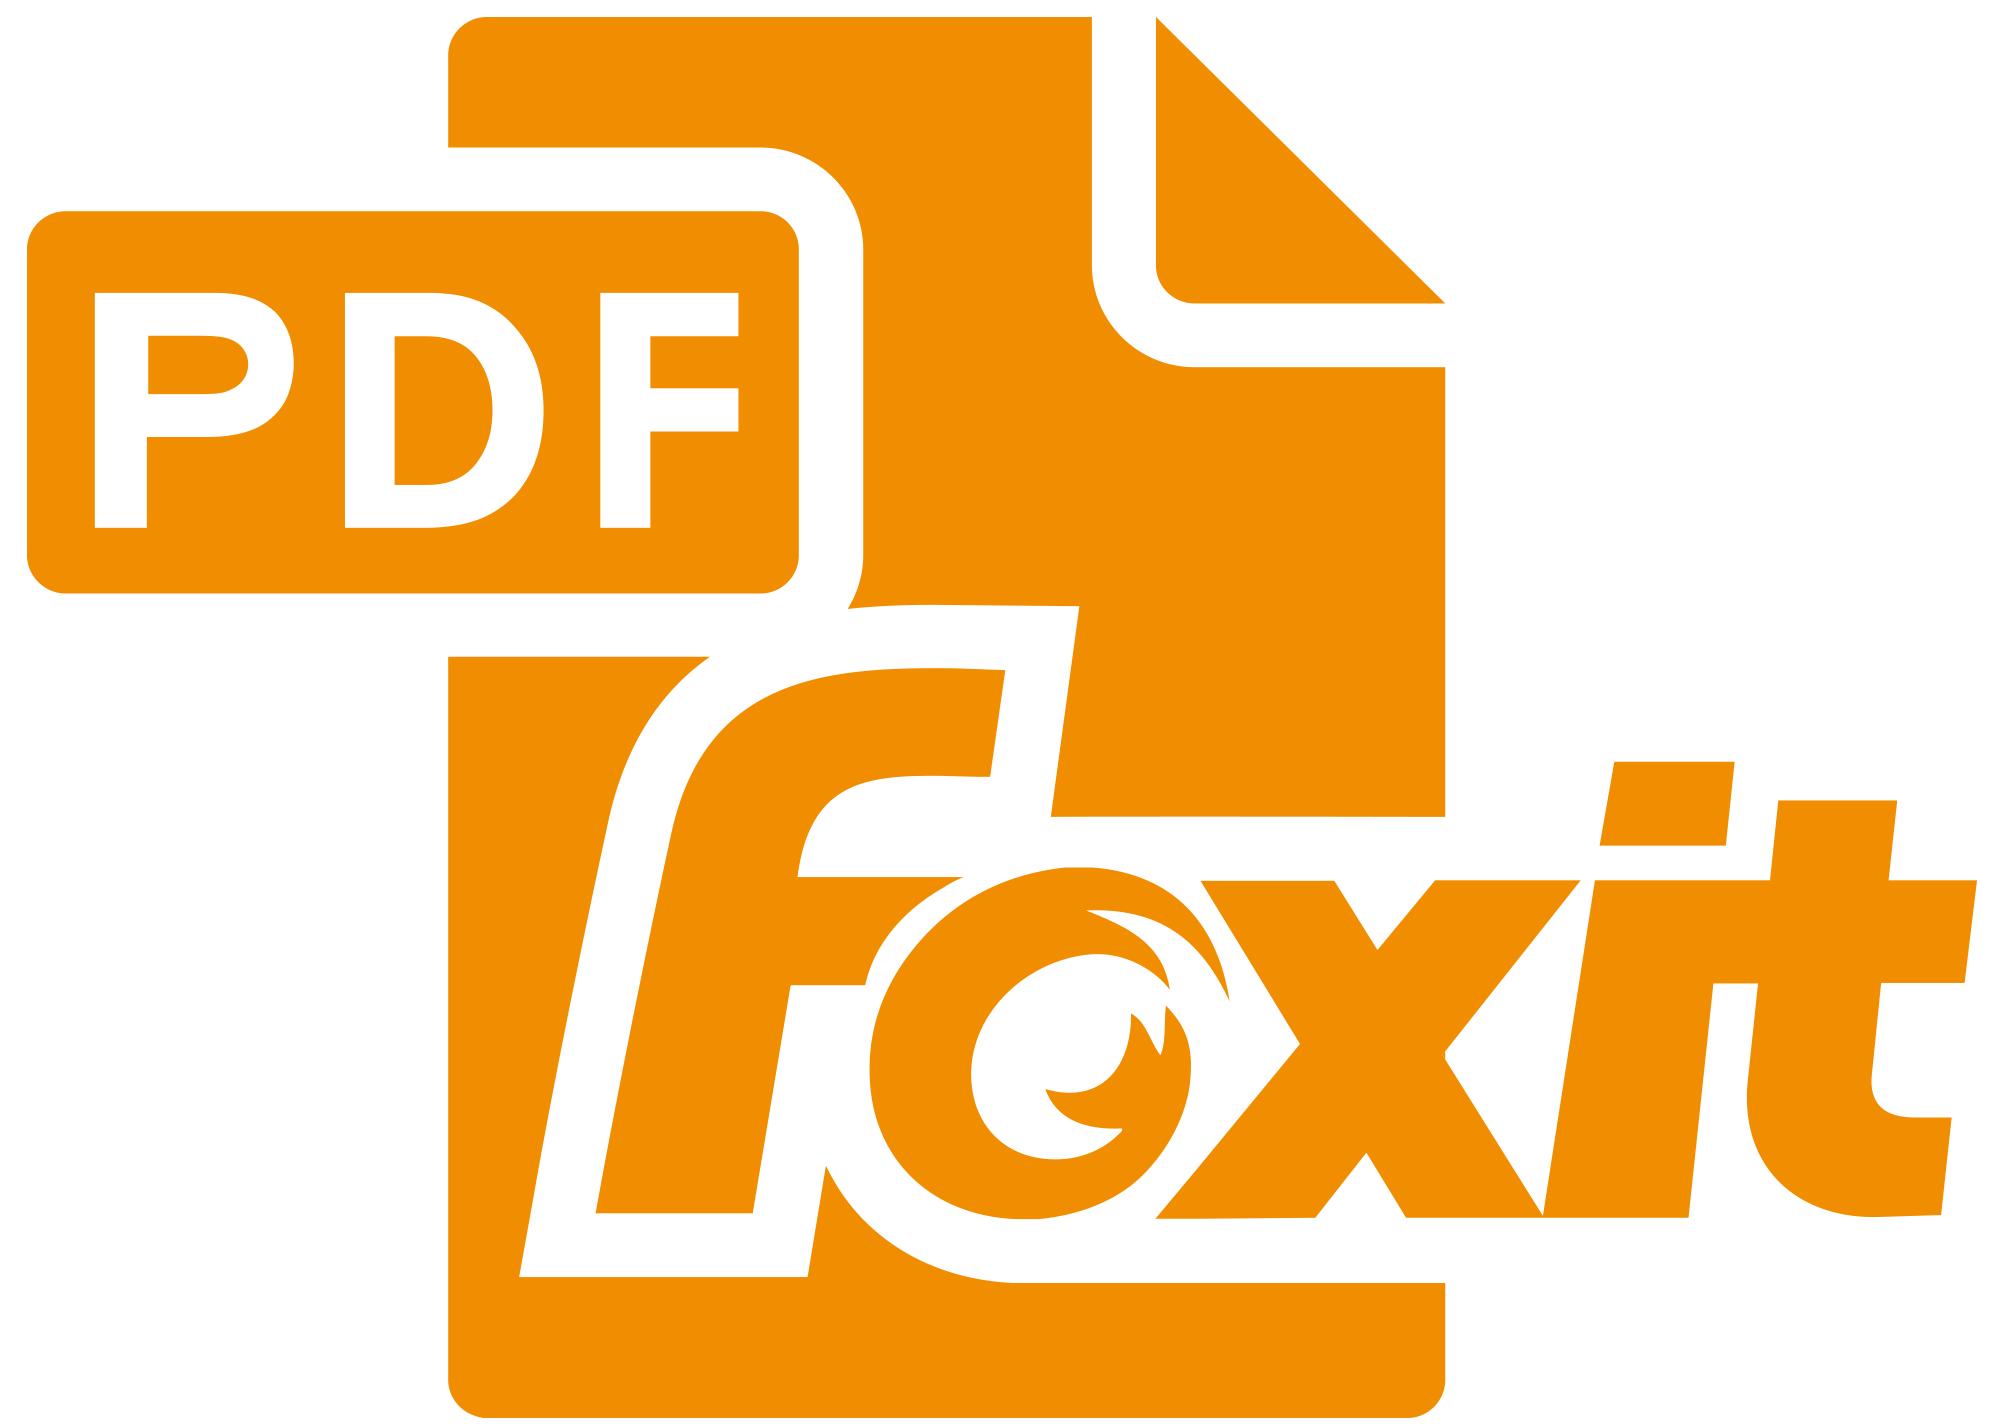 Cách cắt, tách file PDF thành file nhỏ bằng phần mềm Foxit Reader